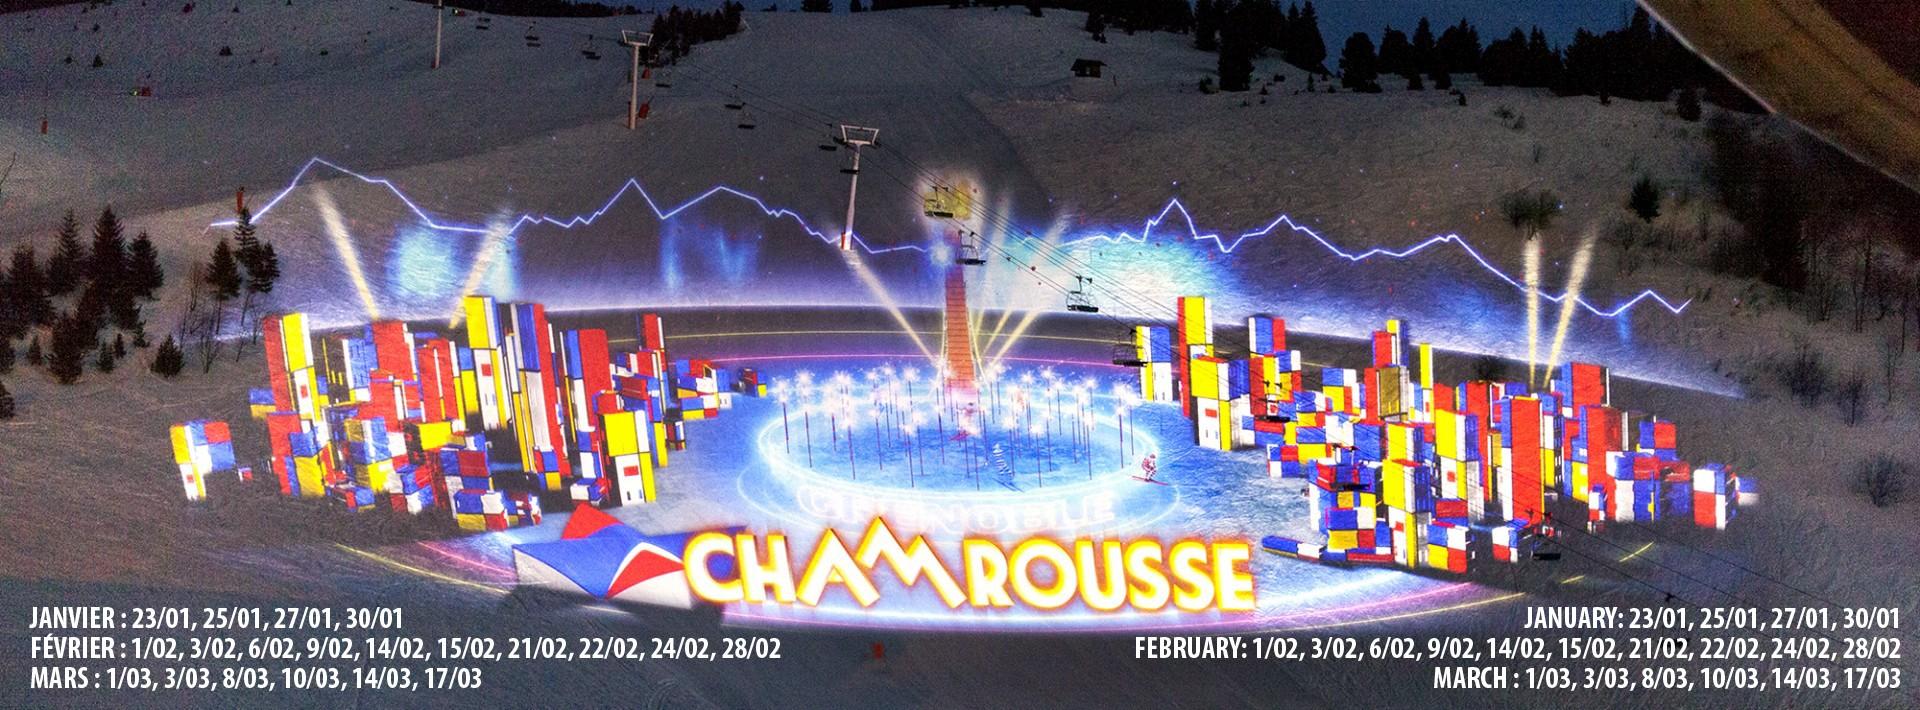 1920x1440-spectacle-monumental-son-et-lumiere-50-ans-jo-chamrousse-2073-dates-2081